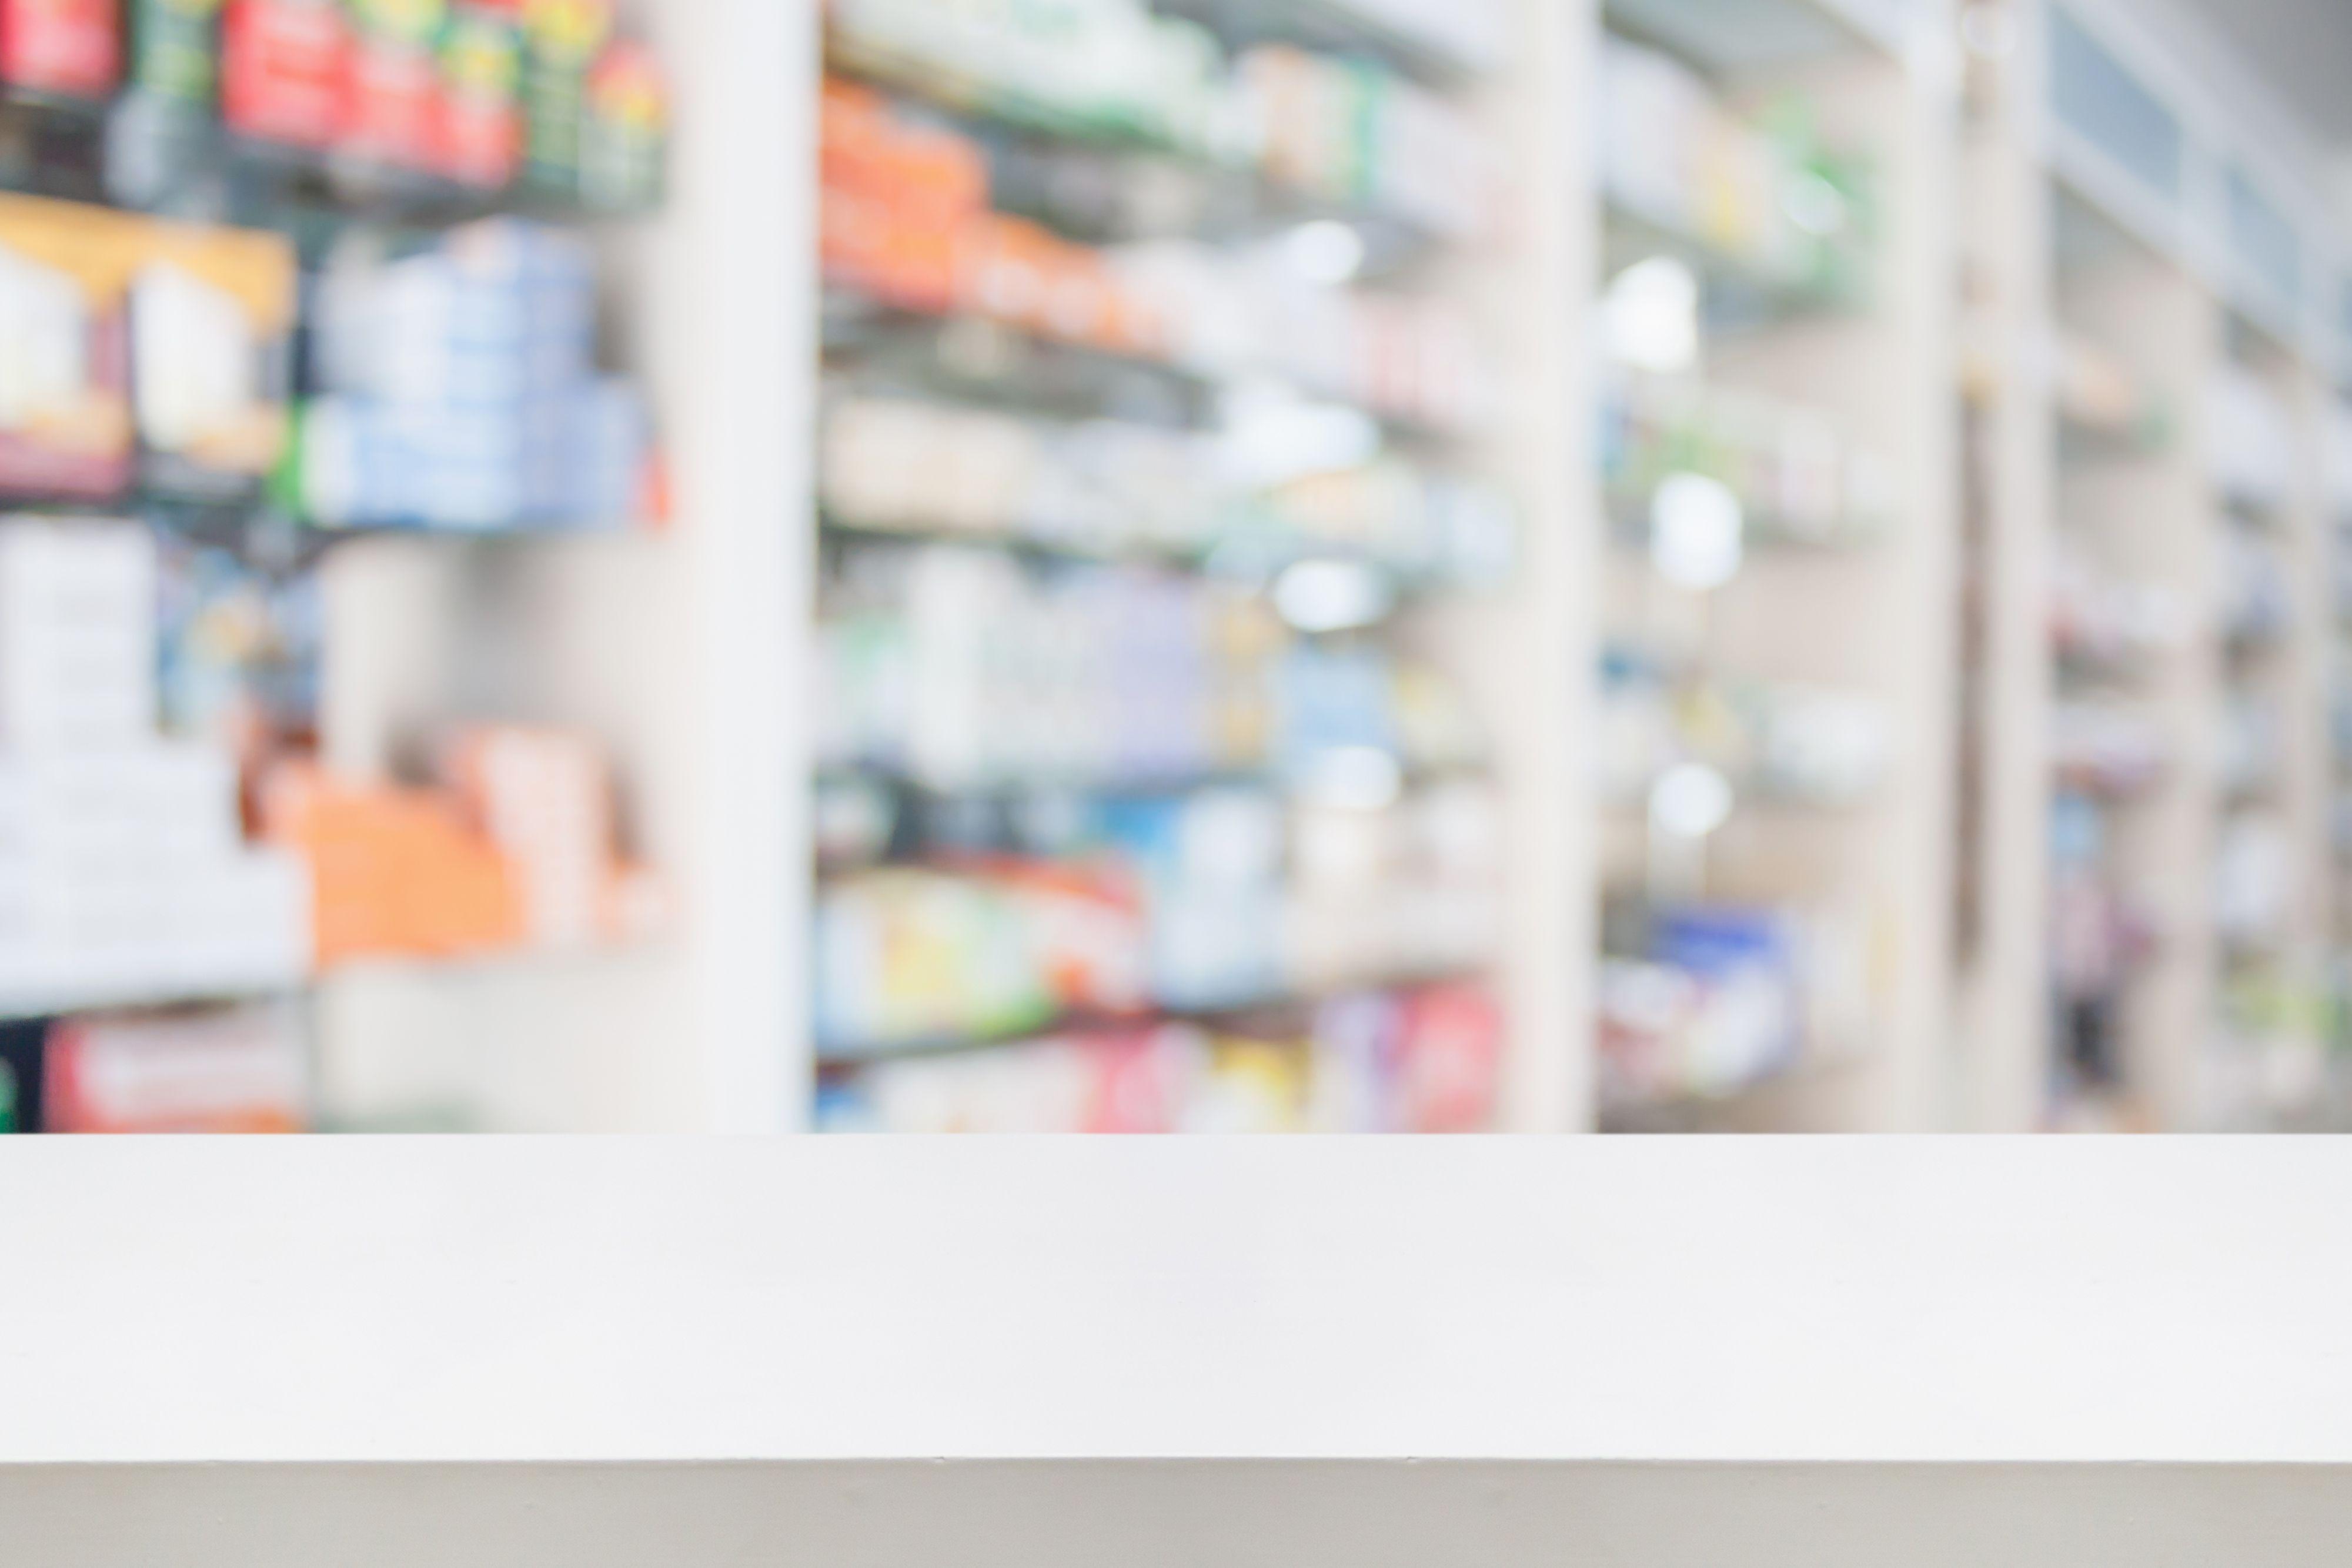 Need To Refill A Prescription?